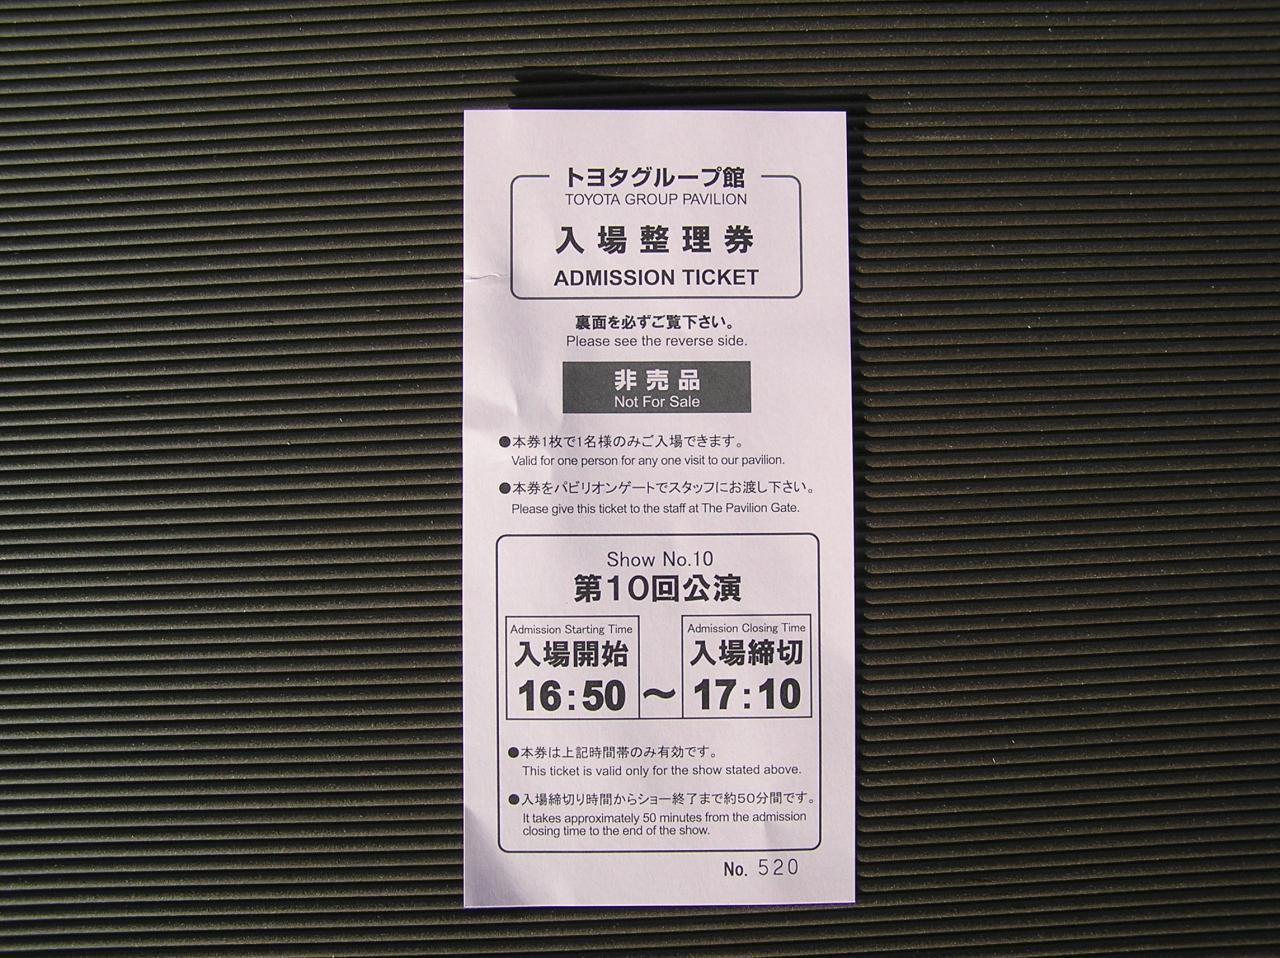 トヨタグループ館の入場整理券